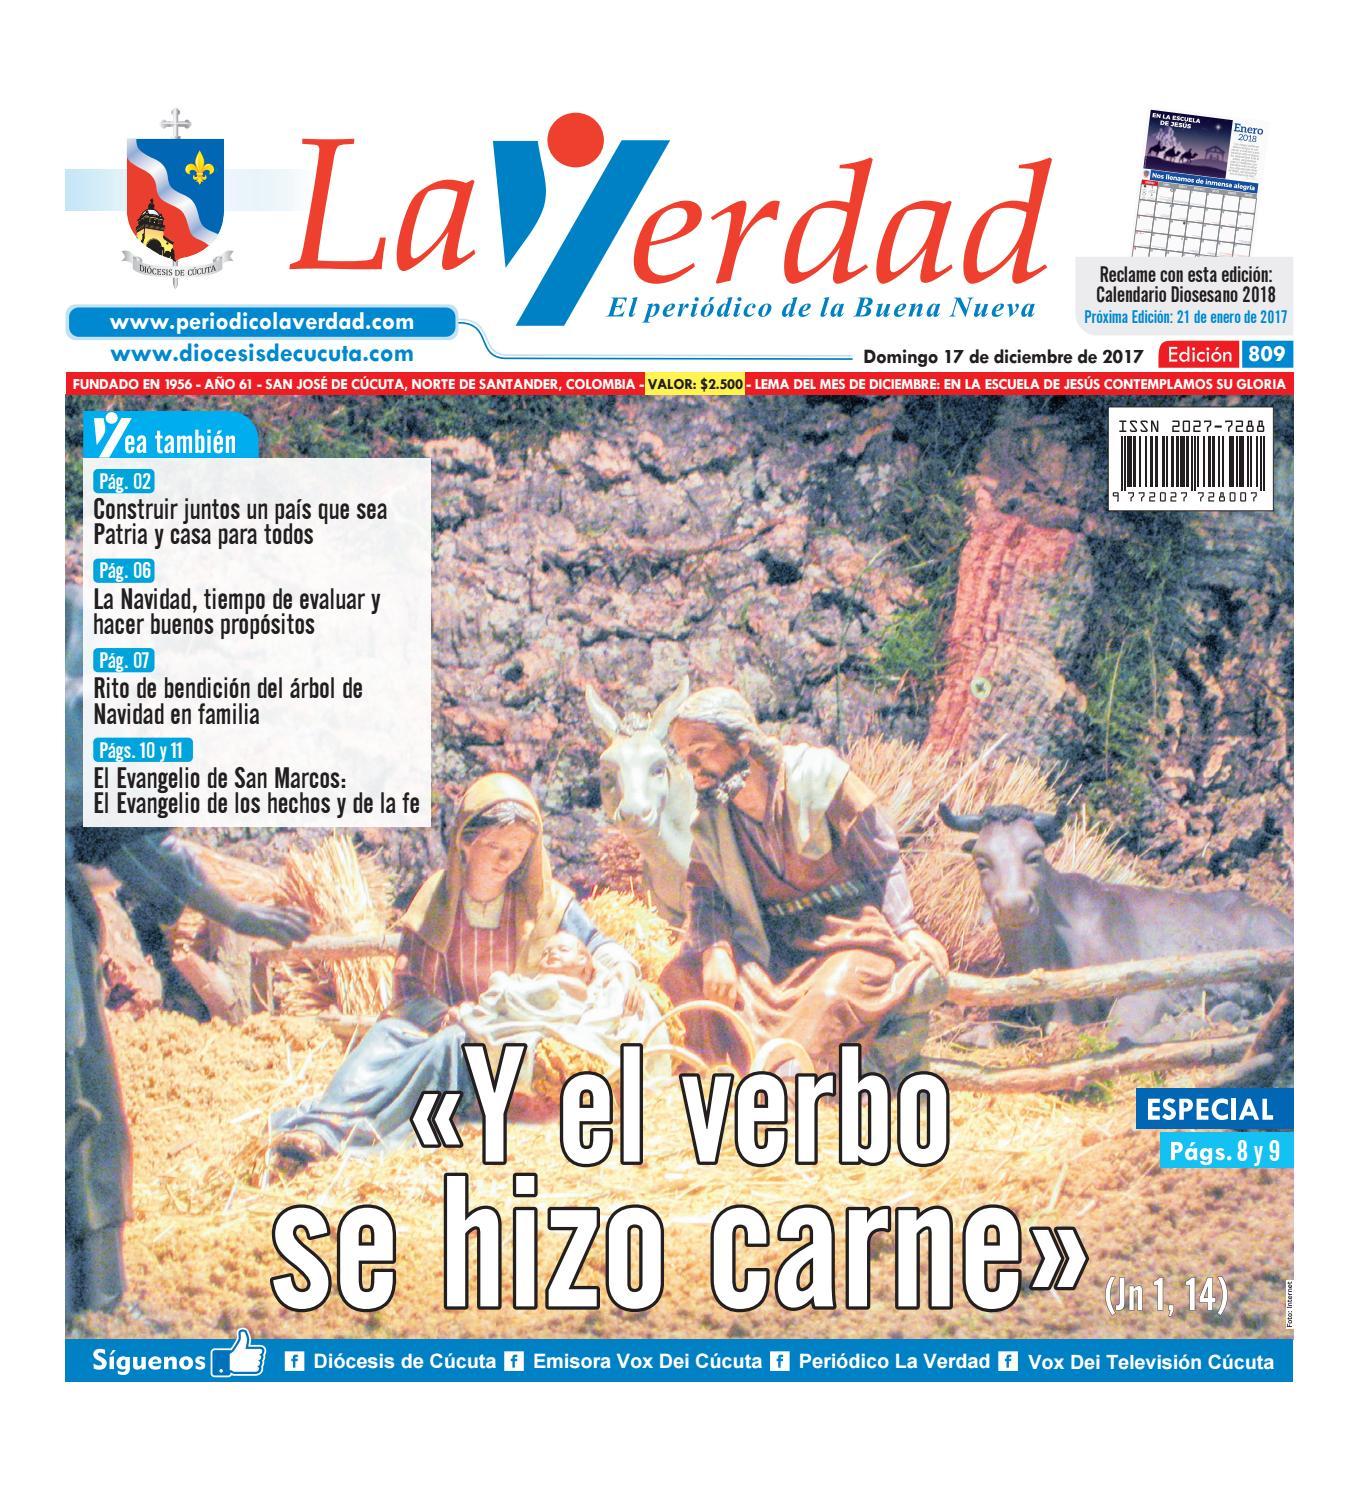 Edición 809 by La Verdad Periódico de la Buena Nueva - issuu